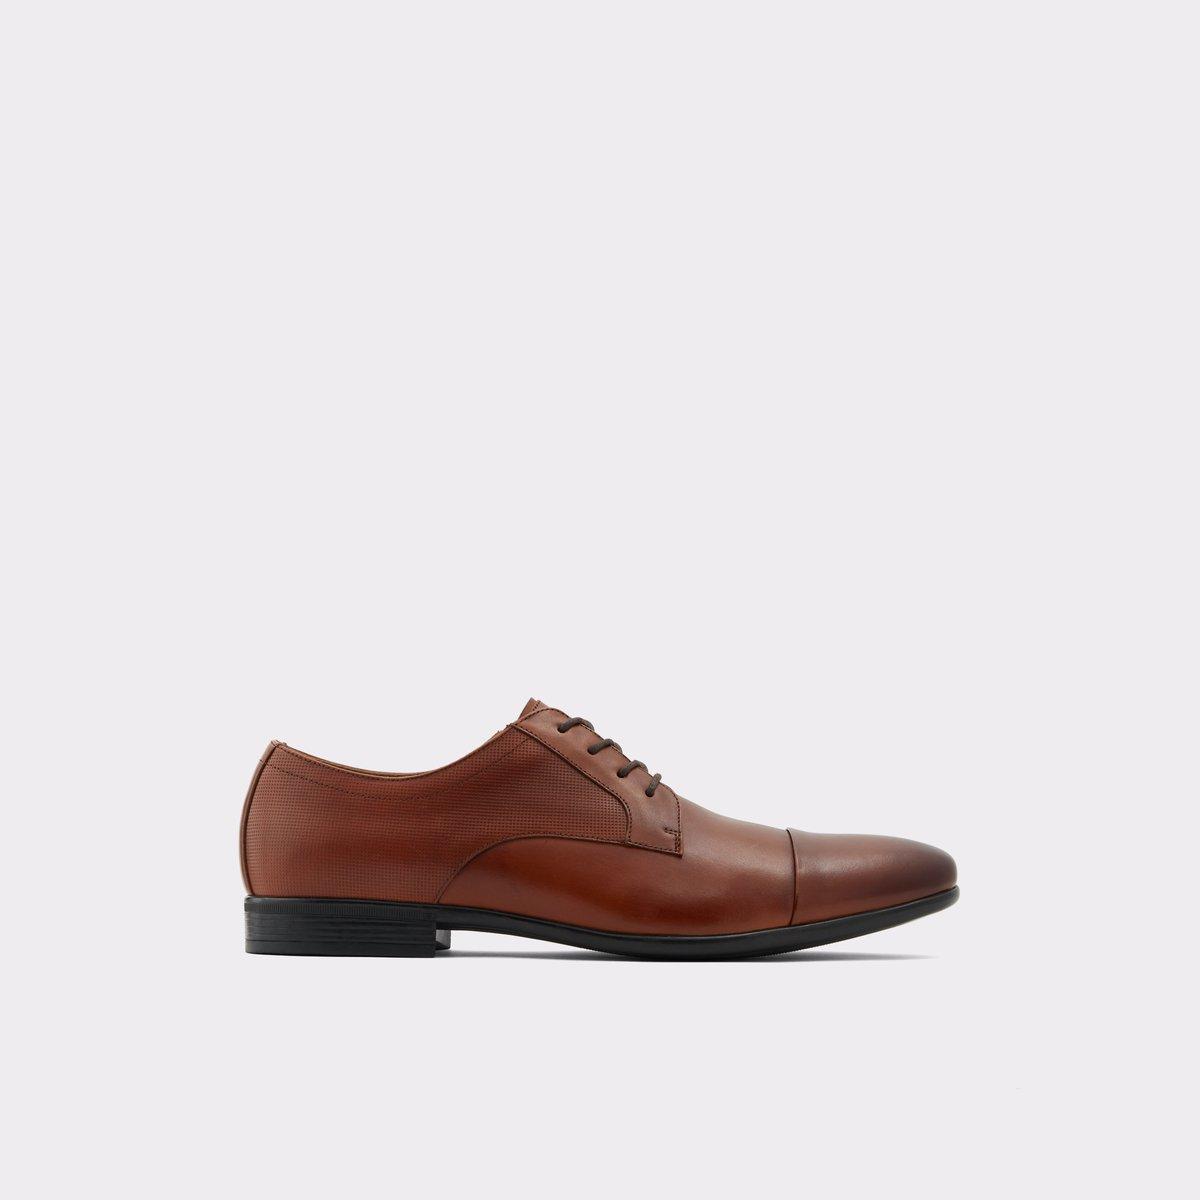 Derrarwen Cognac Women's Dress shoes